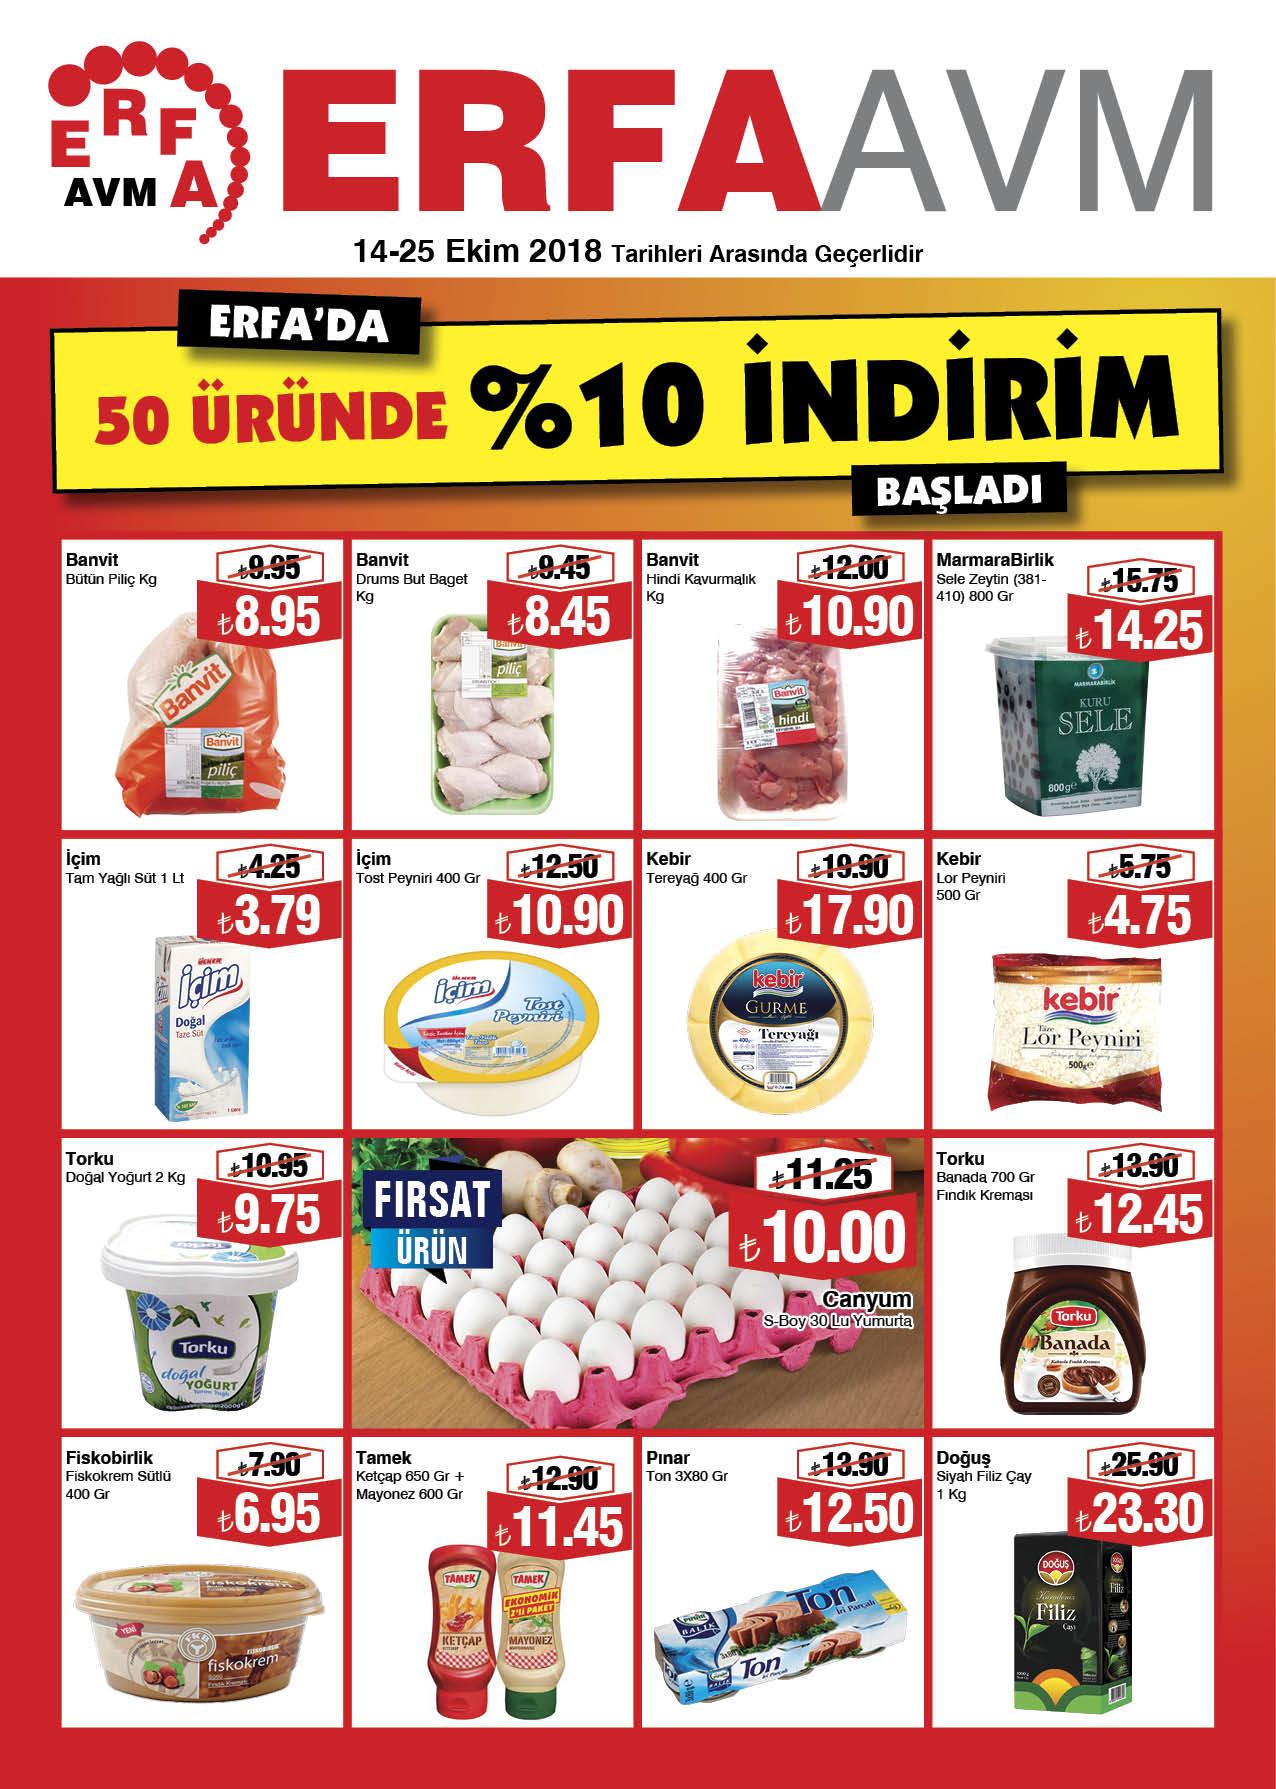 ERFA AVM'DE 50 ÜRÜNDE %10 İNDİRİM